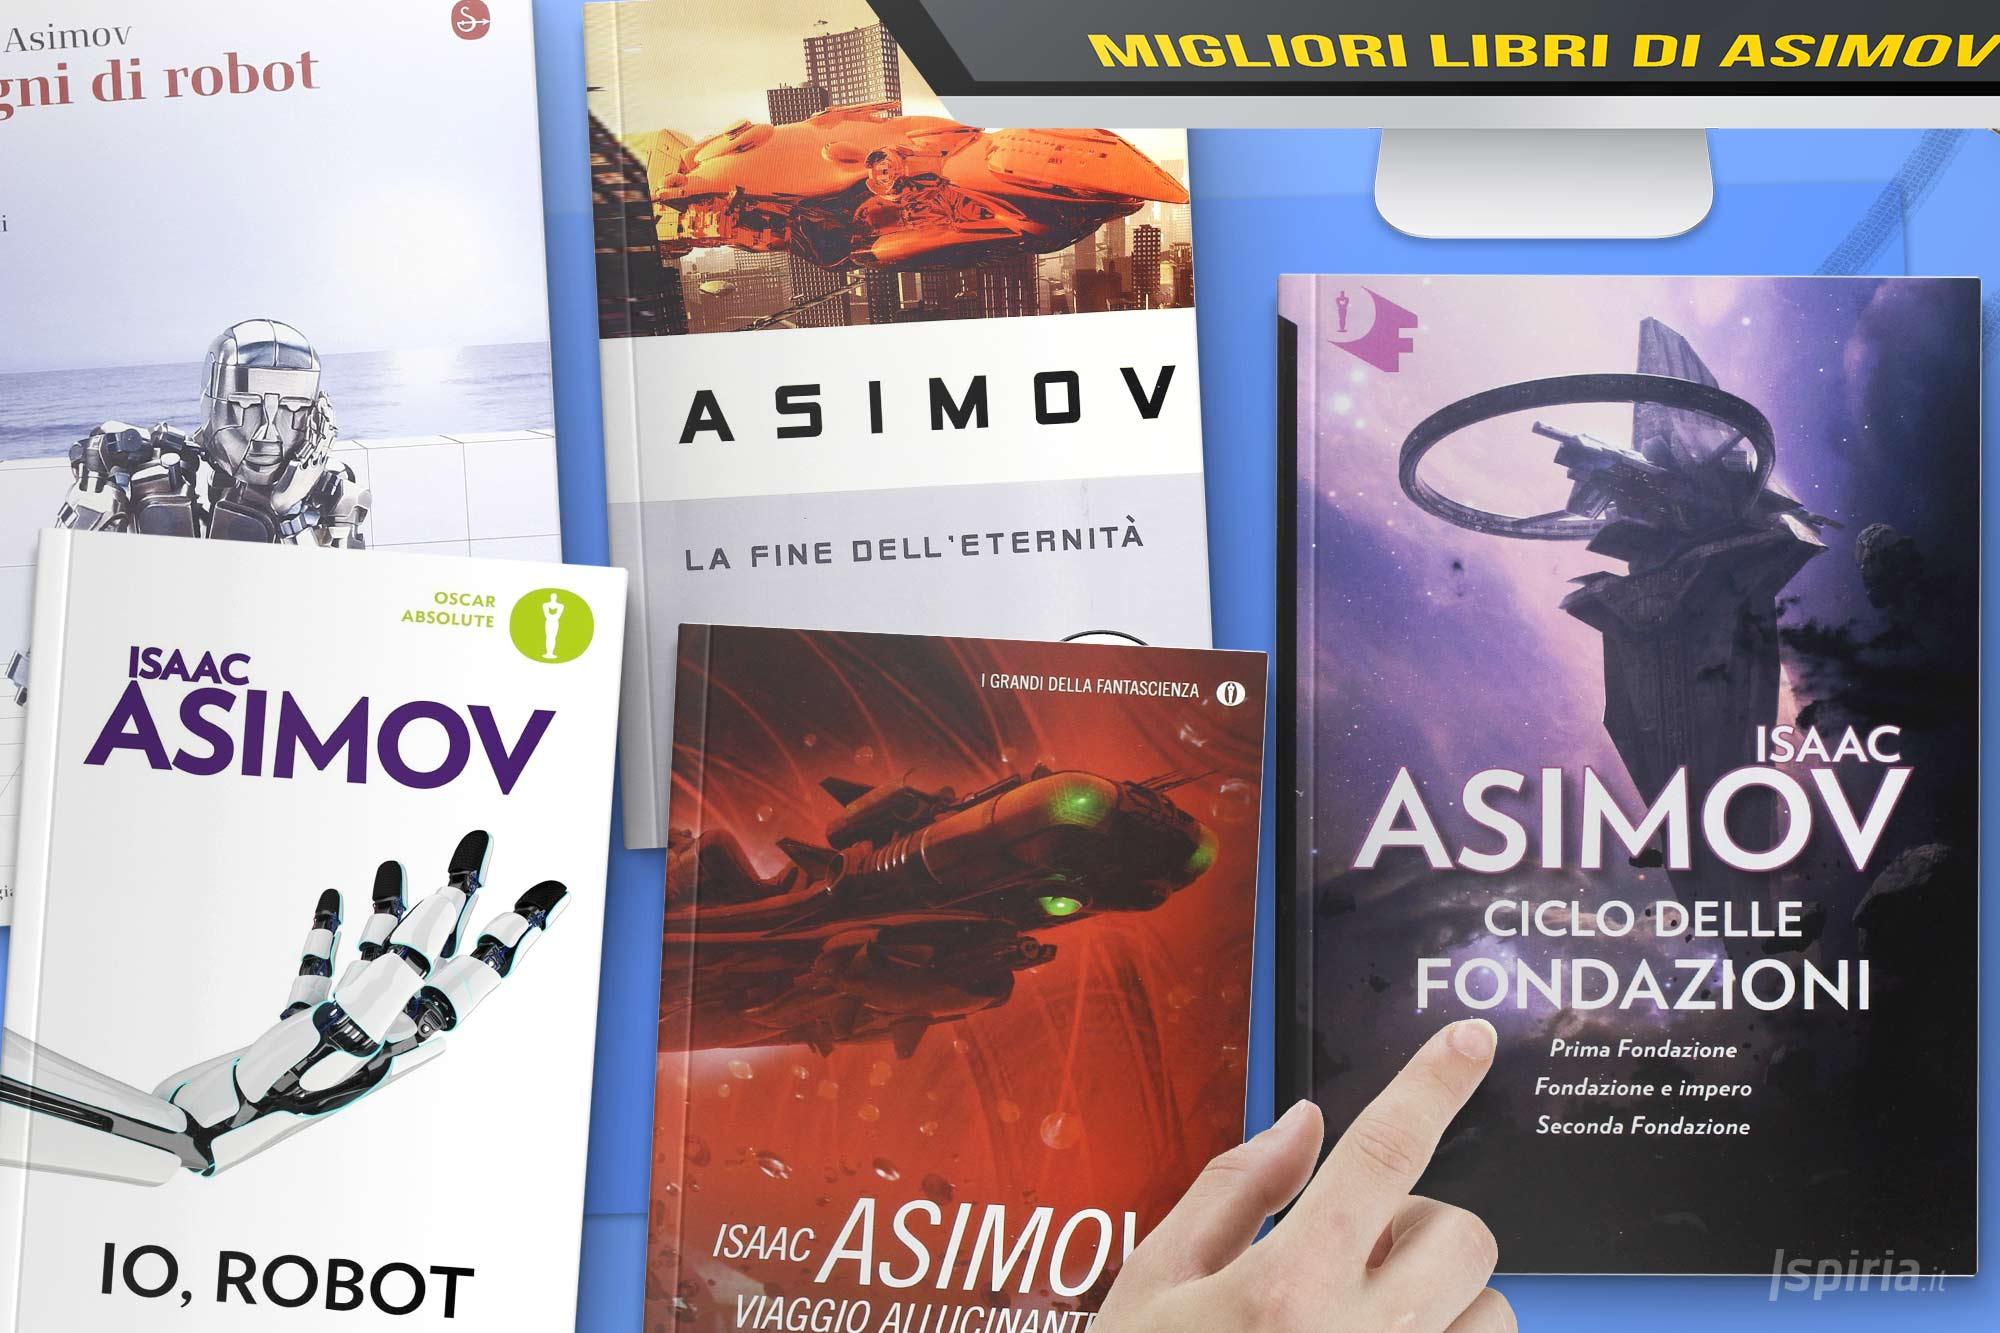 Migliori Libri Di Asimov: Quale Libro/romanzo Di Isaac Asimov Da Leggere?